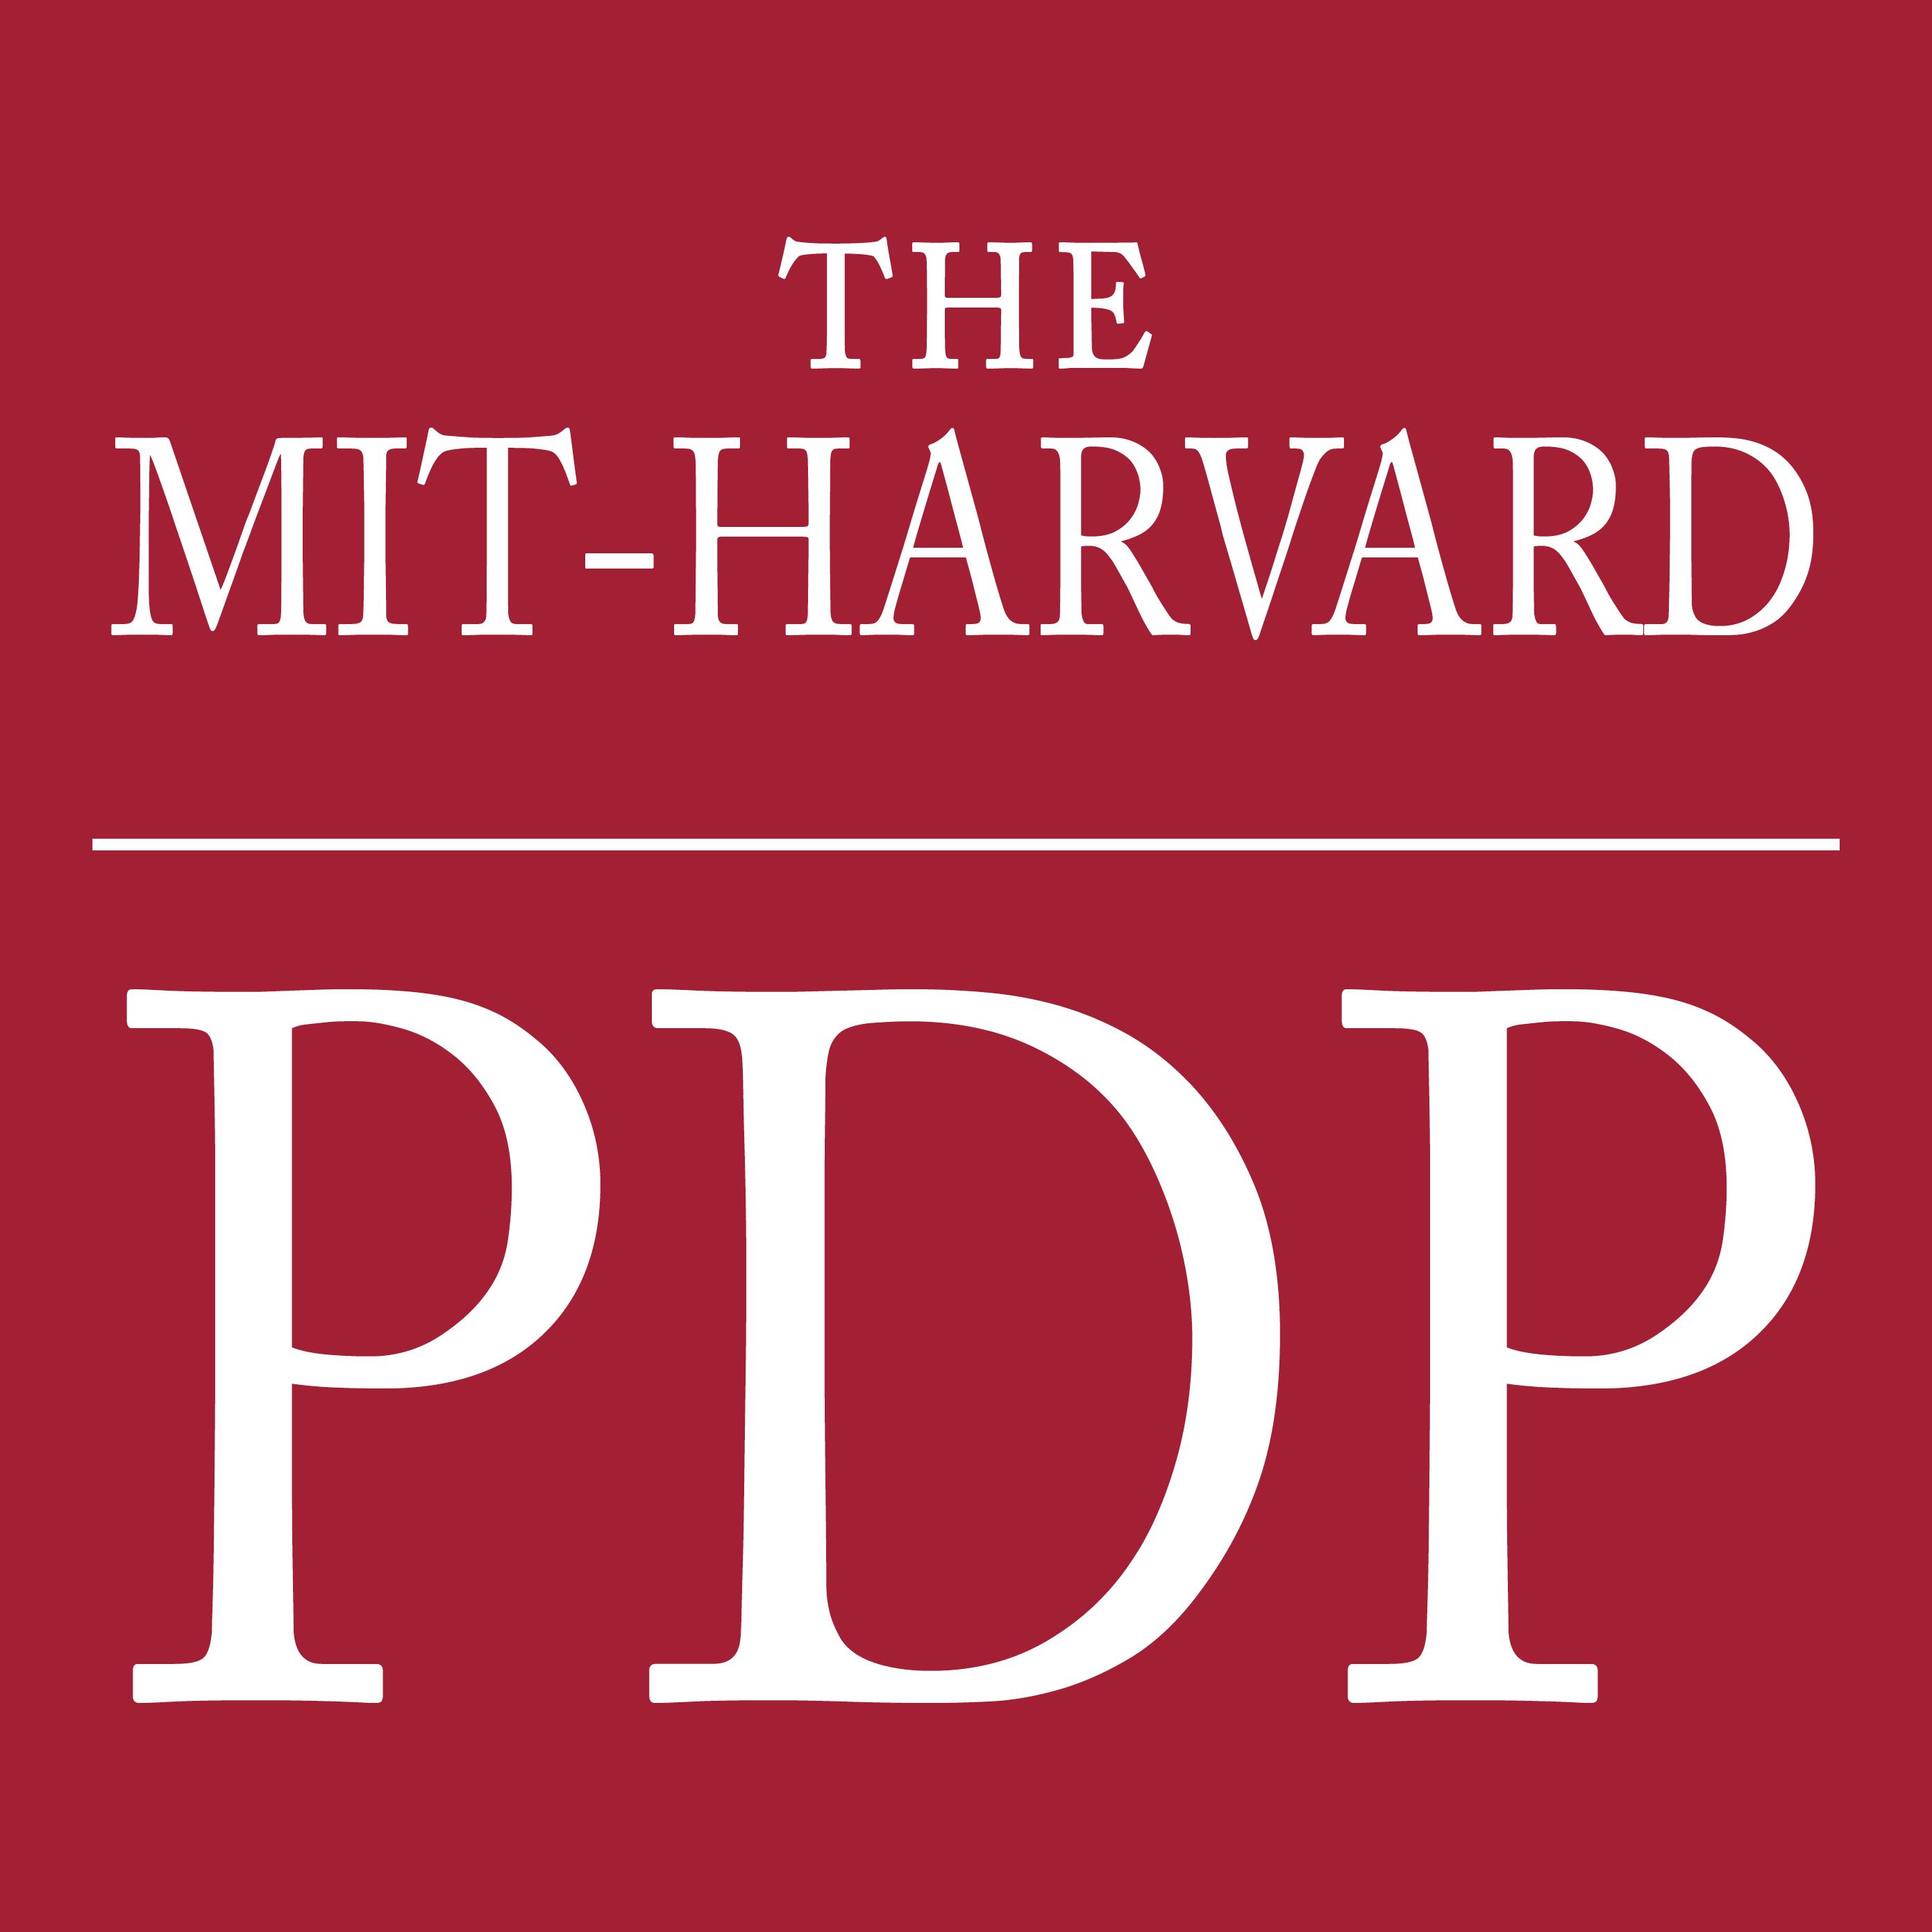 publicdisputes logo